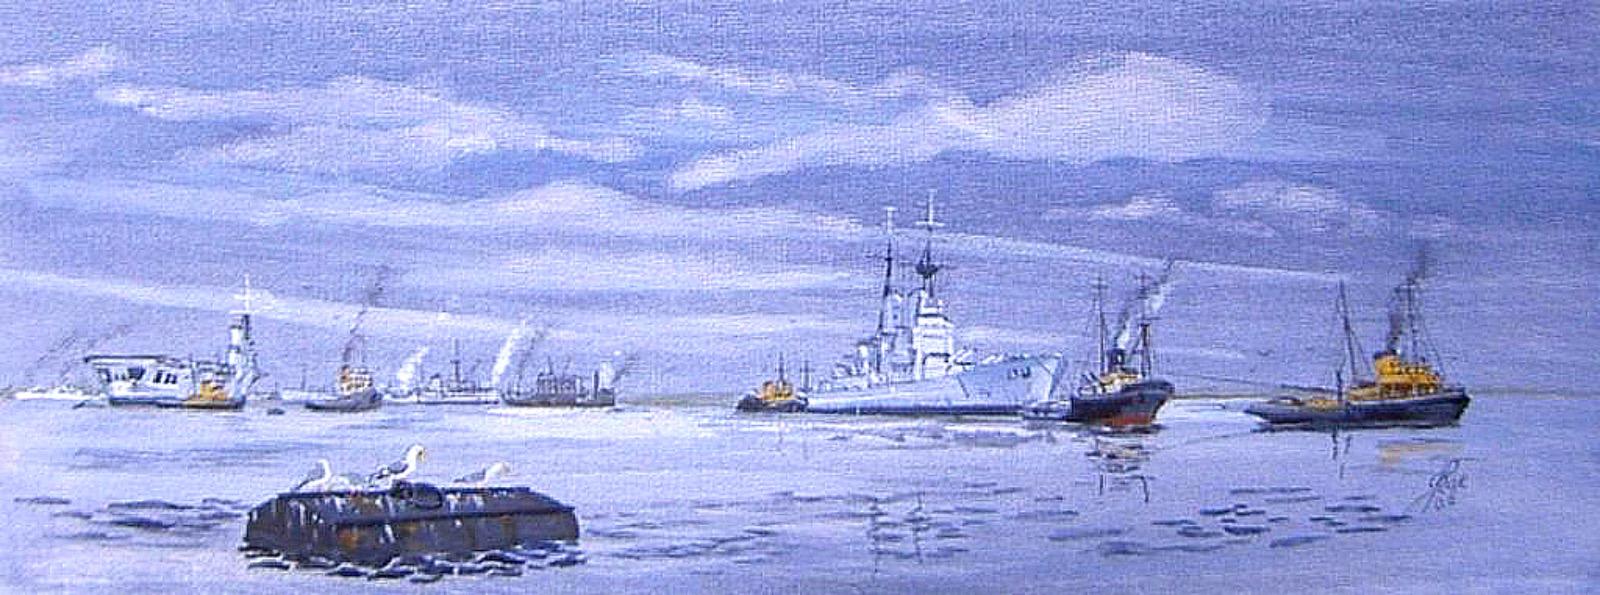 Vanguard's final voyage